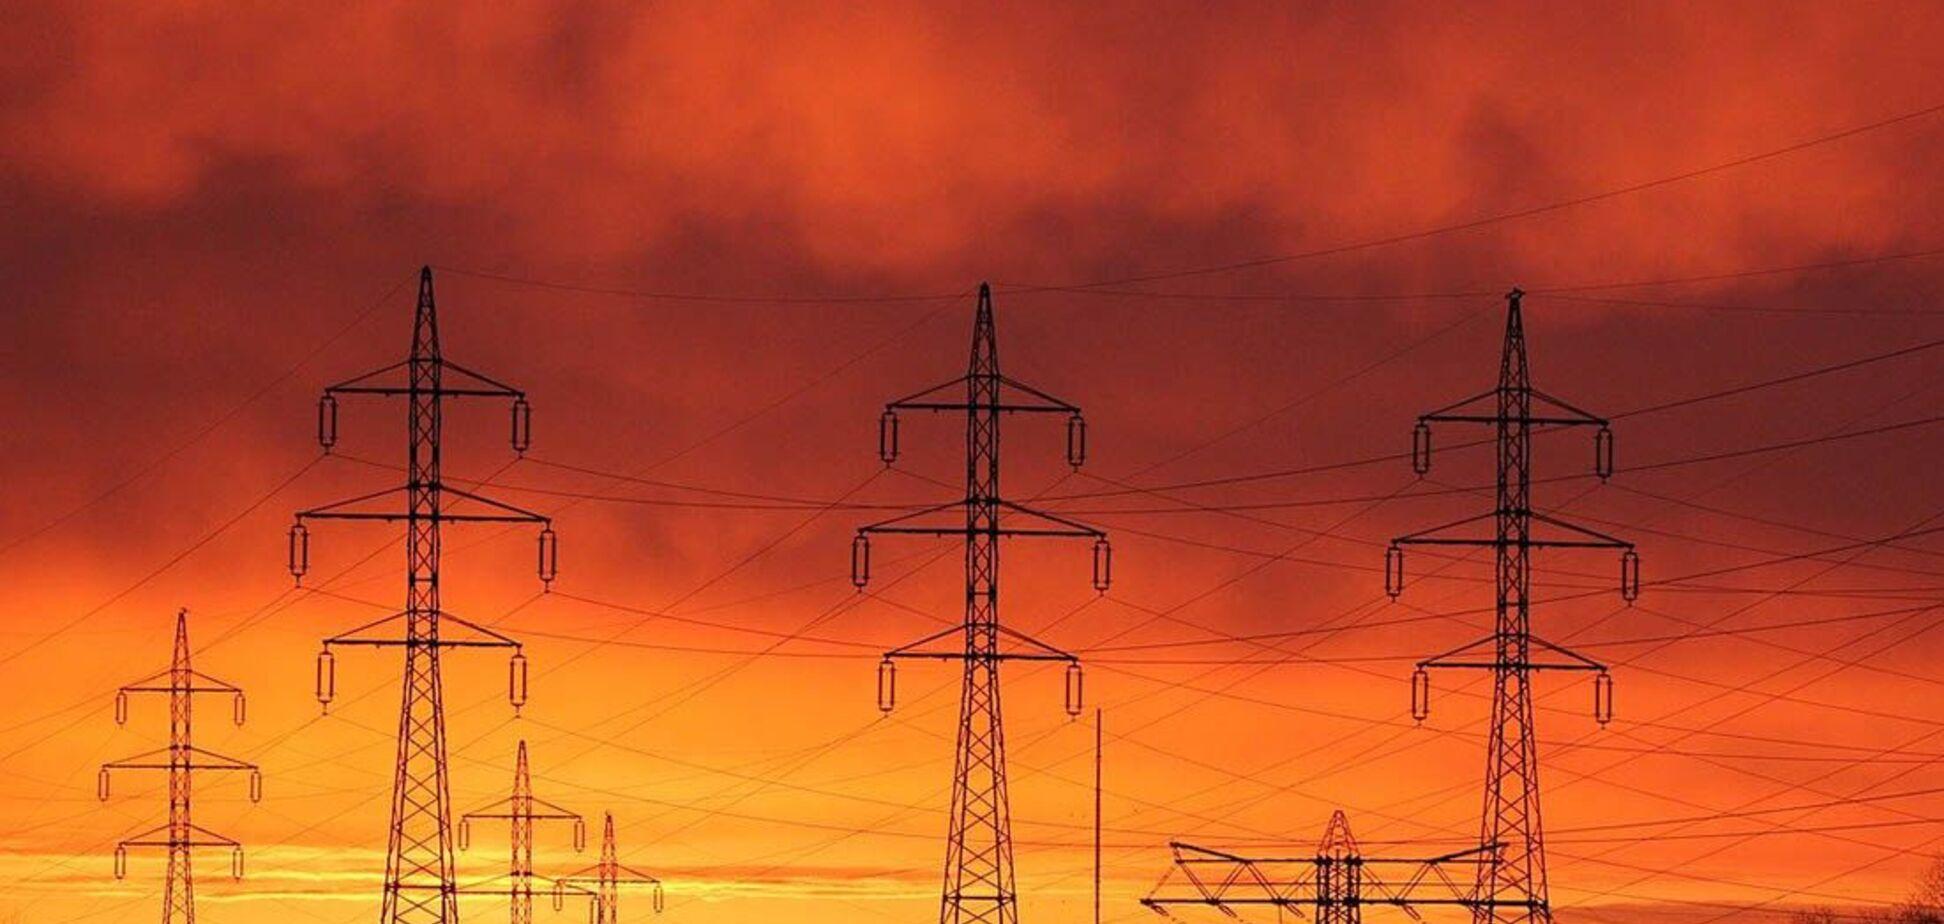 Бесконтрольное повышение тарифа на передачу тока оставит металлургов без рынков сбыта, – эксперт